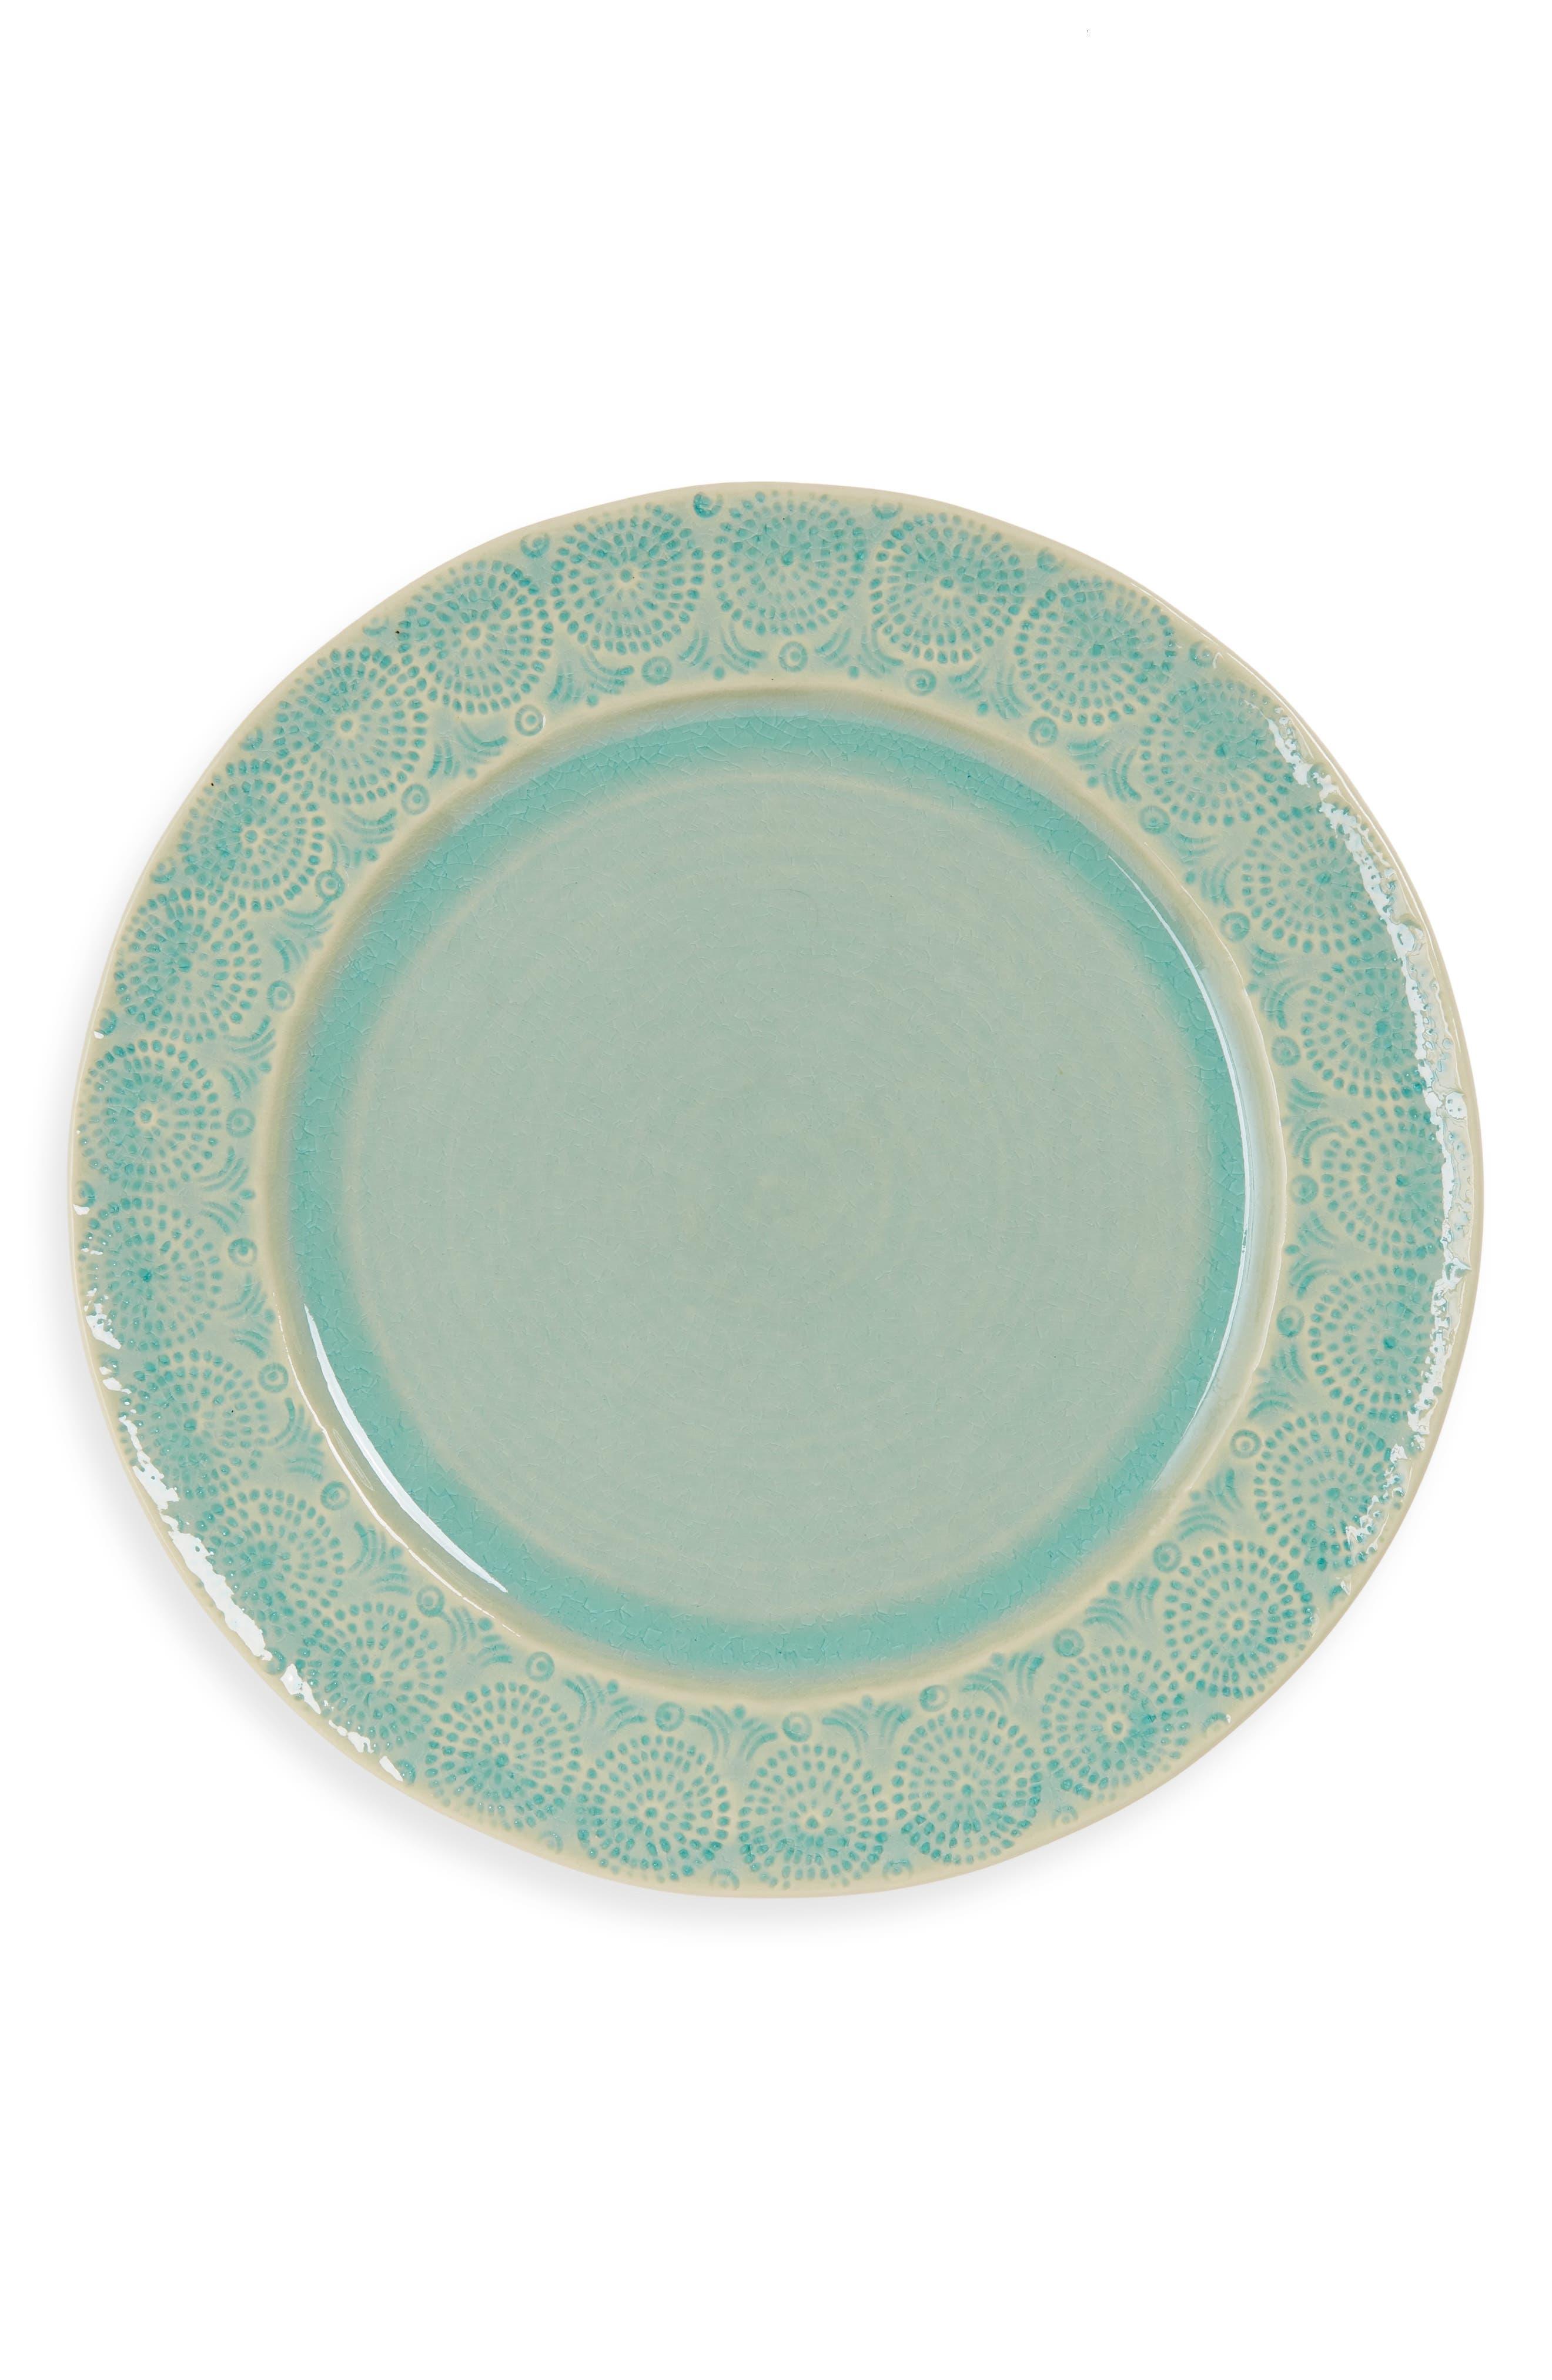 Old Havana Dinner Plate ...  sc 1 st  Nordstrom & Anthropologie Old Havana Dinner Plate | Nordstrom